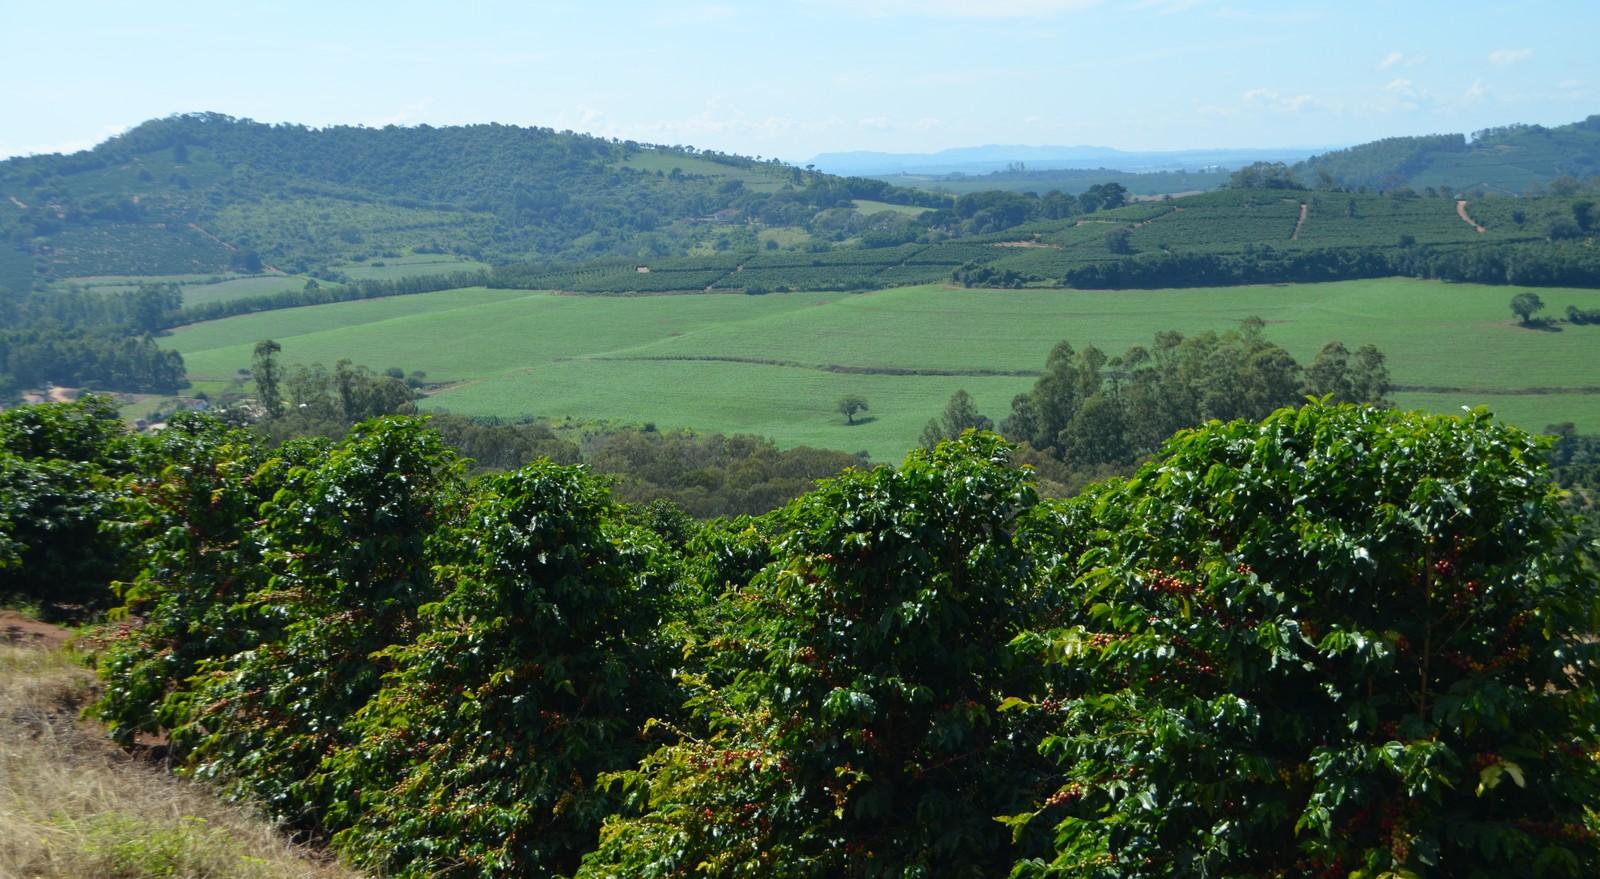 Produtores apostam na diversificação no campo, aliando café com áreas de sorgo (ao centro) e soja posteriormente (Foto: Lucas Soares)